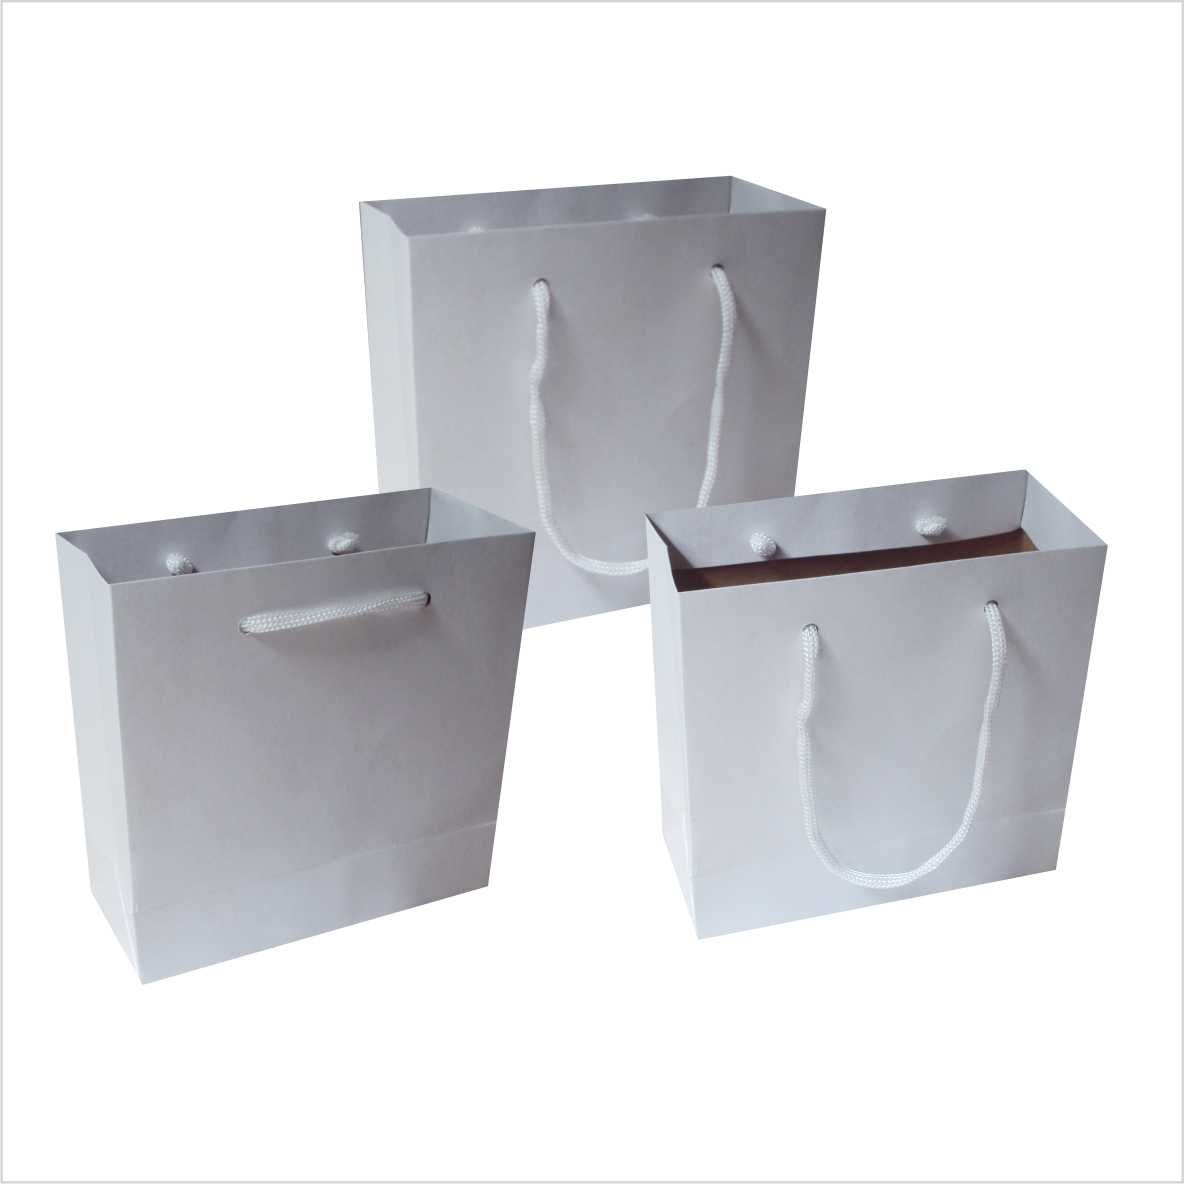 Sacola de papel kraft P - cor branca tamanho  -15x15x6,5 cm - 10 unidades